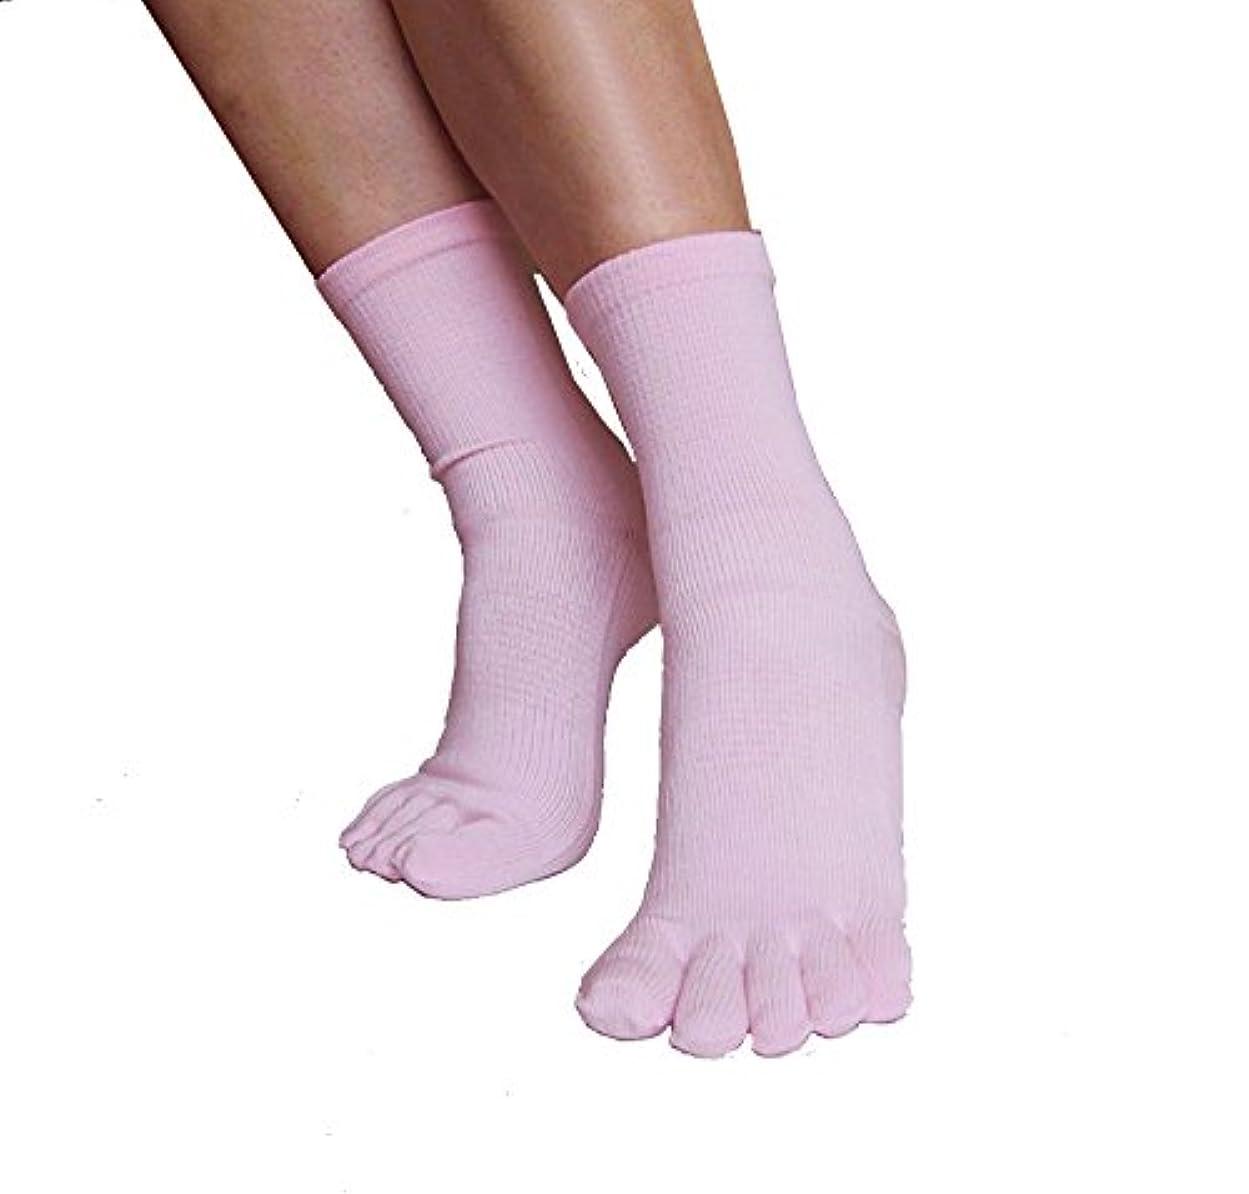 トムオードリース骨折マージ外反母趾対策 5本指靴下 綿タイプ ピンク